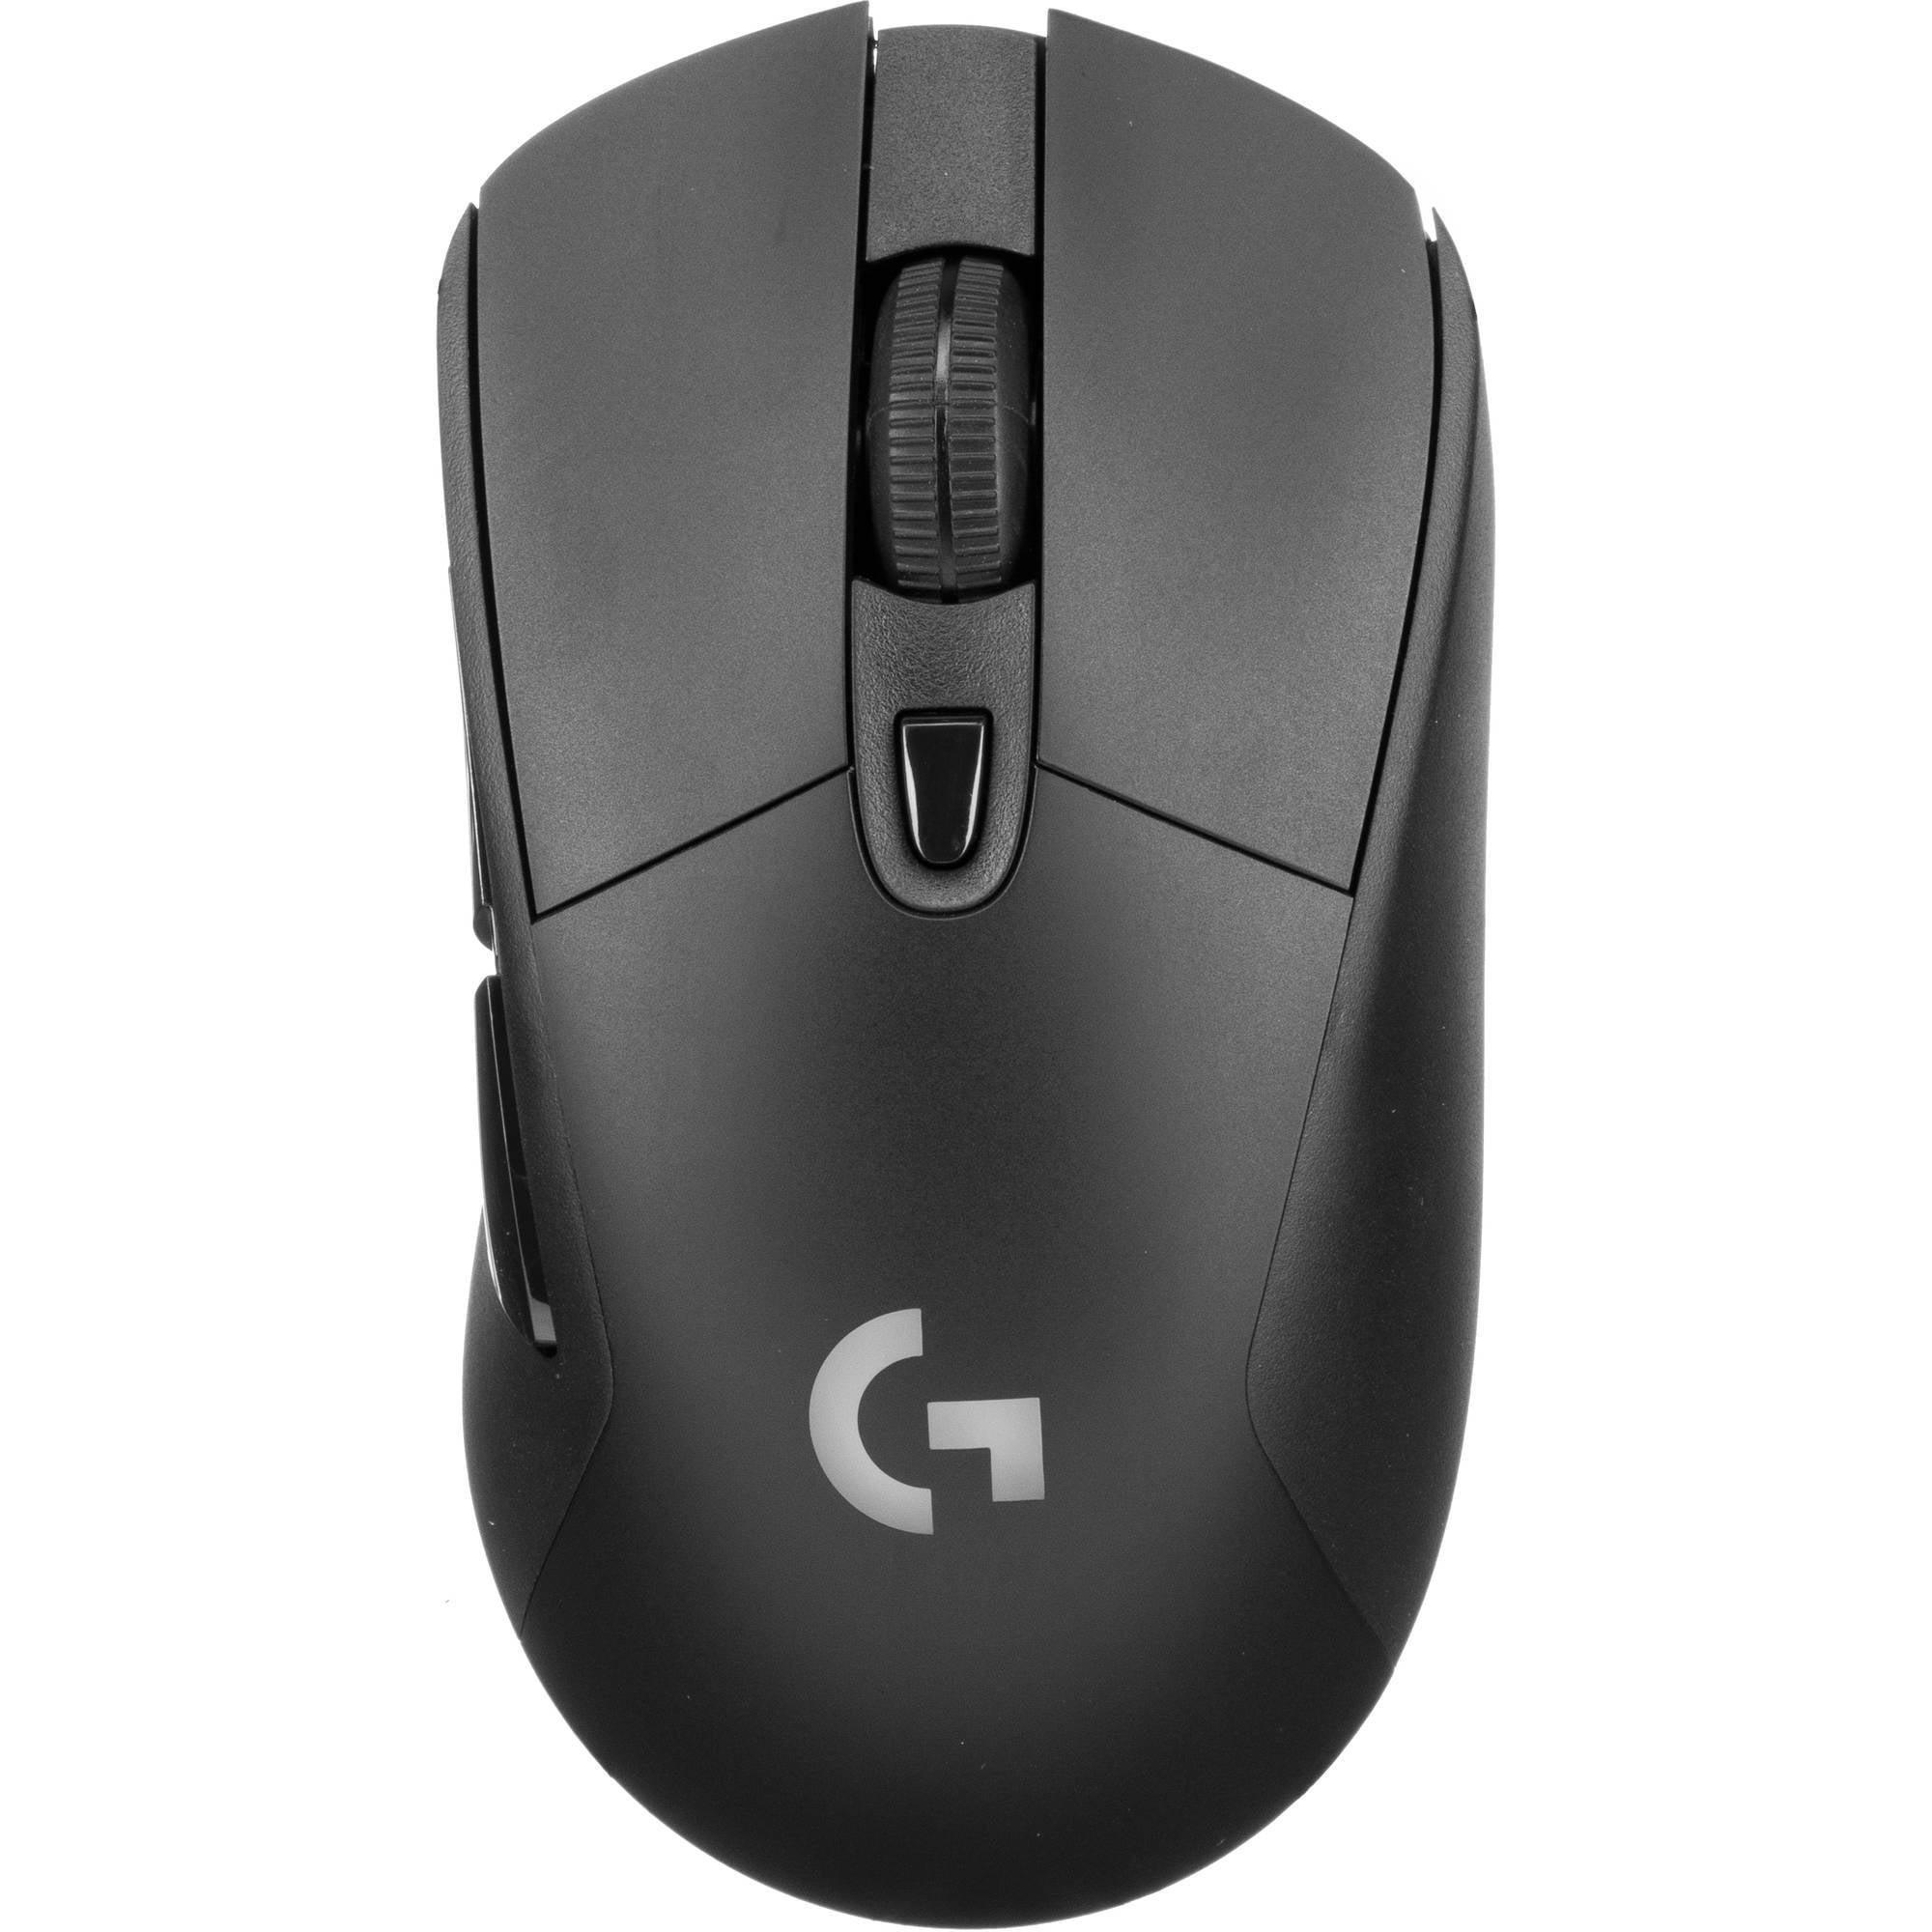 Logitech G703 Lightspeed Wrls Gaming Mouse Walmart Com Walmart Com